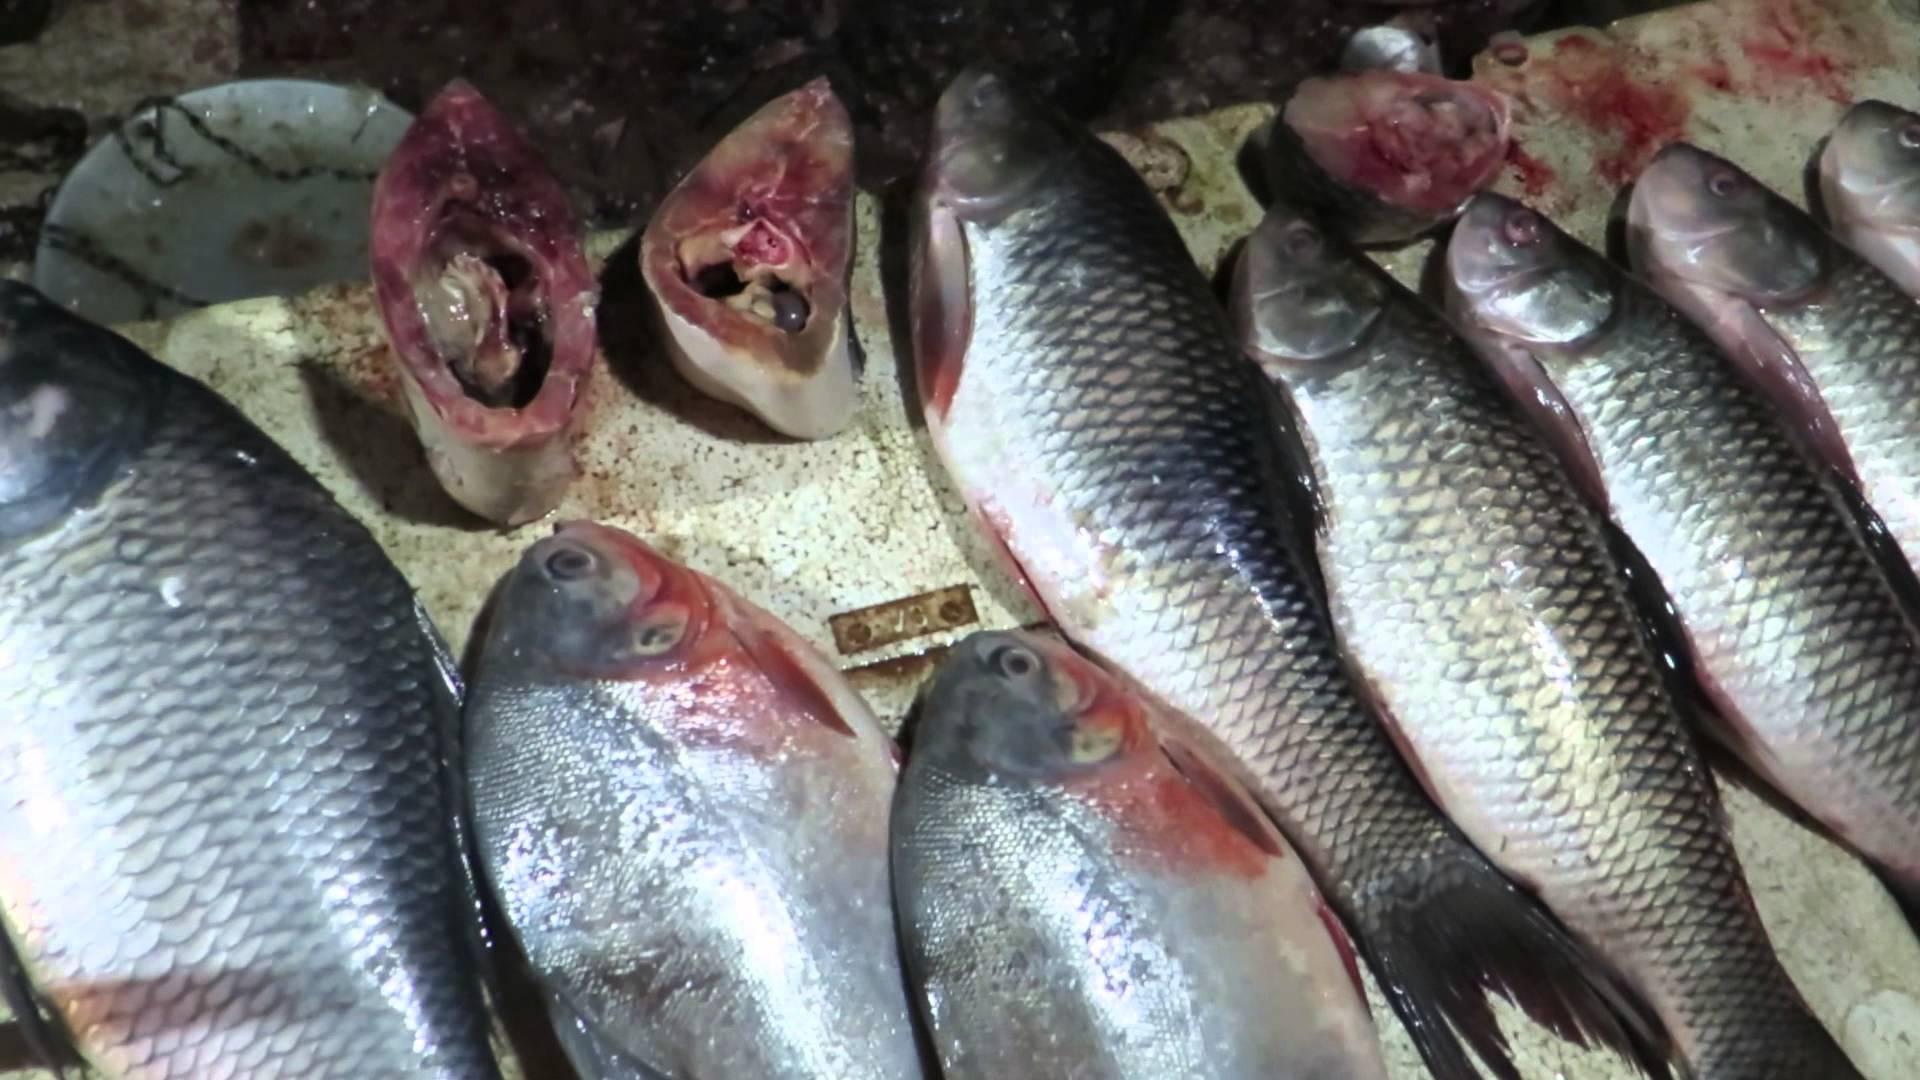 দহদিনৰ বাবে বাহিৰৰ মাছ আমদানি বন্ধ চৰকাৰৰ